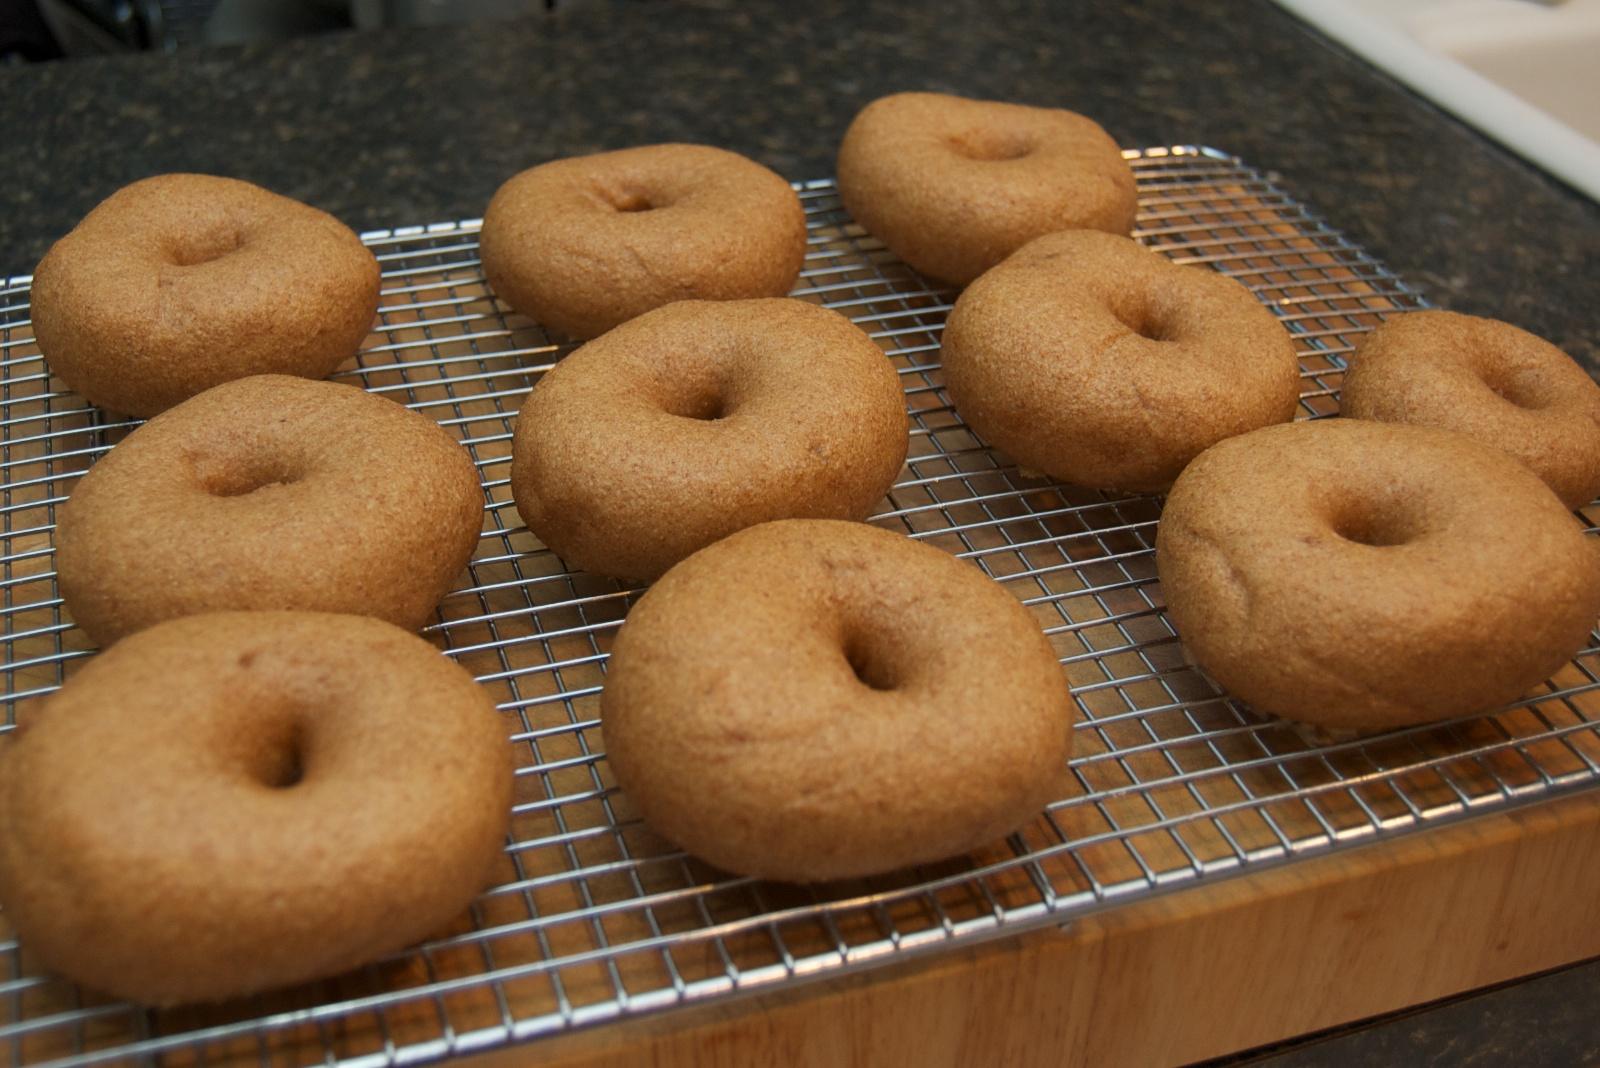 http://blog.rickk.com/food/2011/01/14/bagel3.jpg